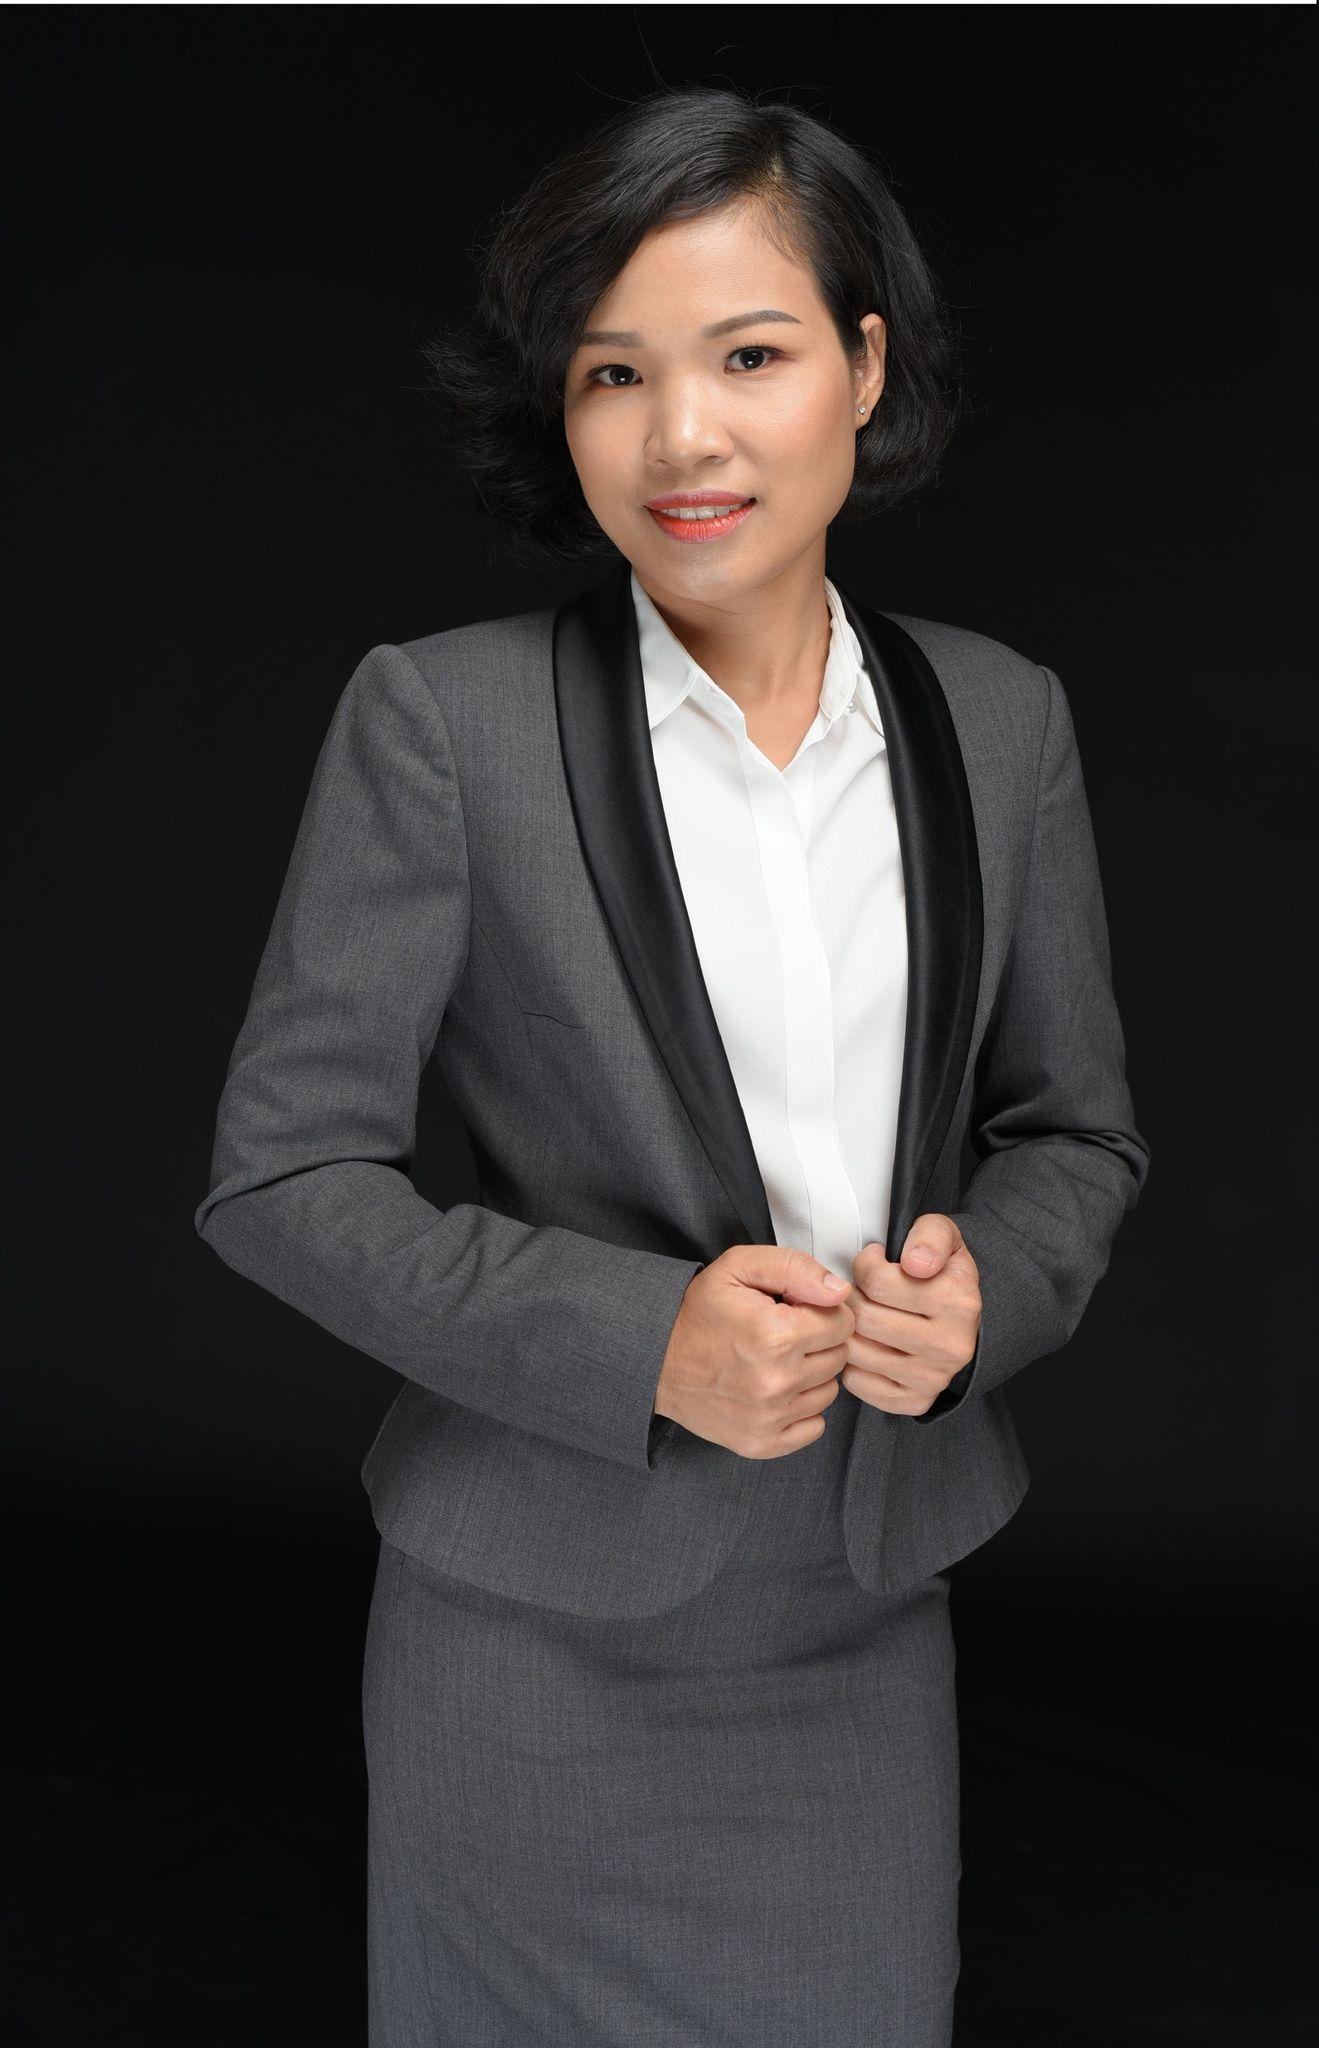 Ms. Luong Thi Hai Yen